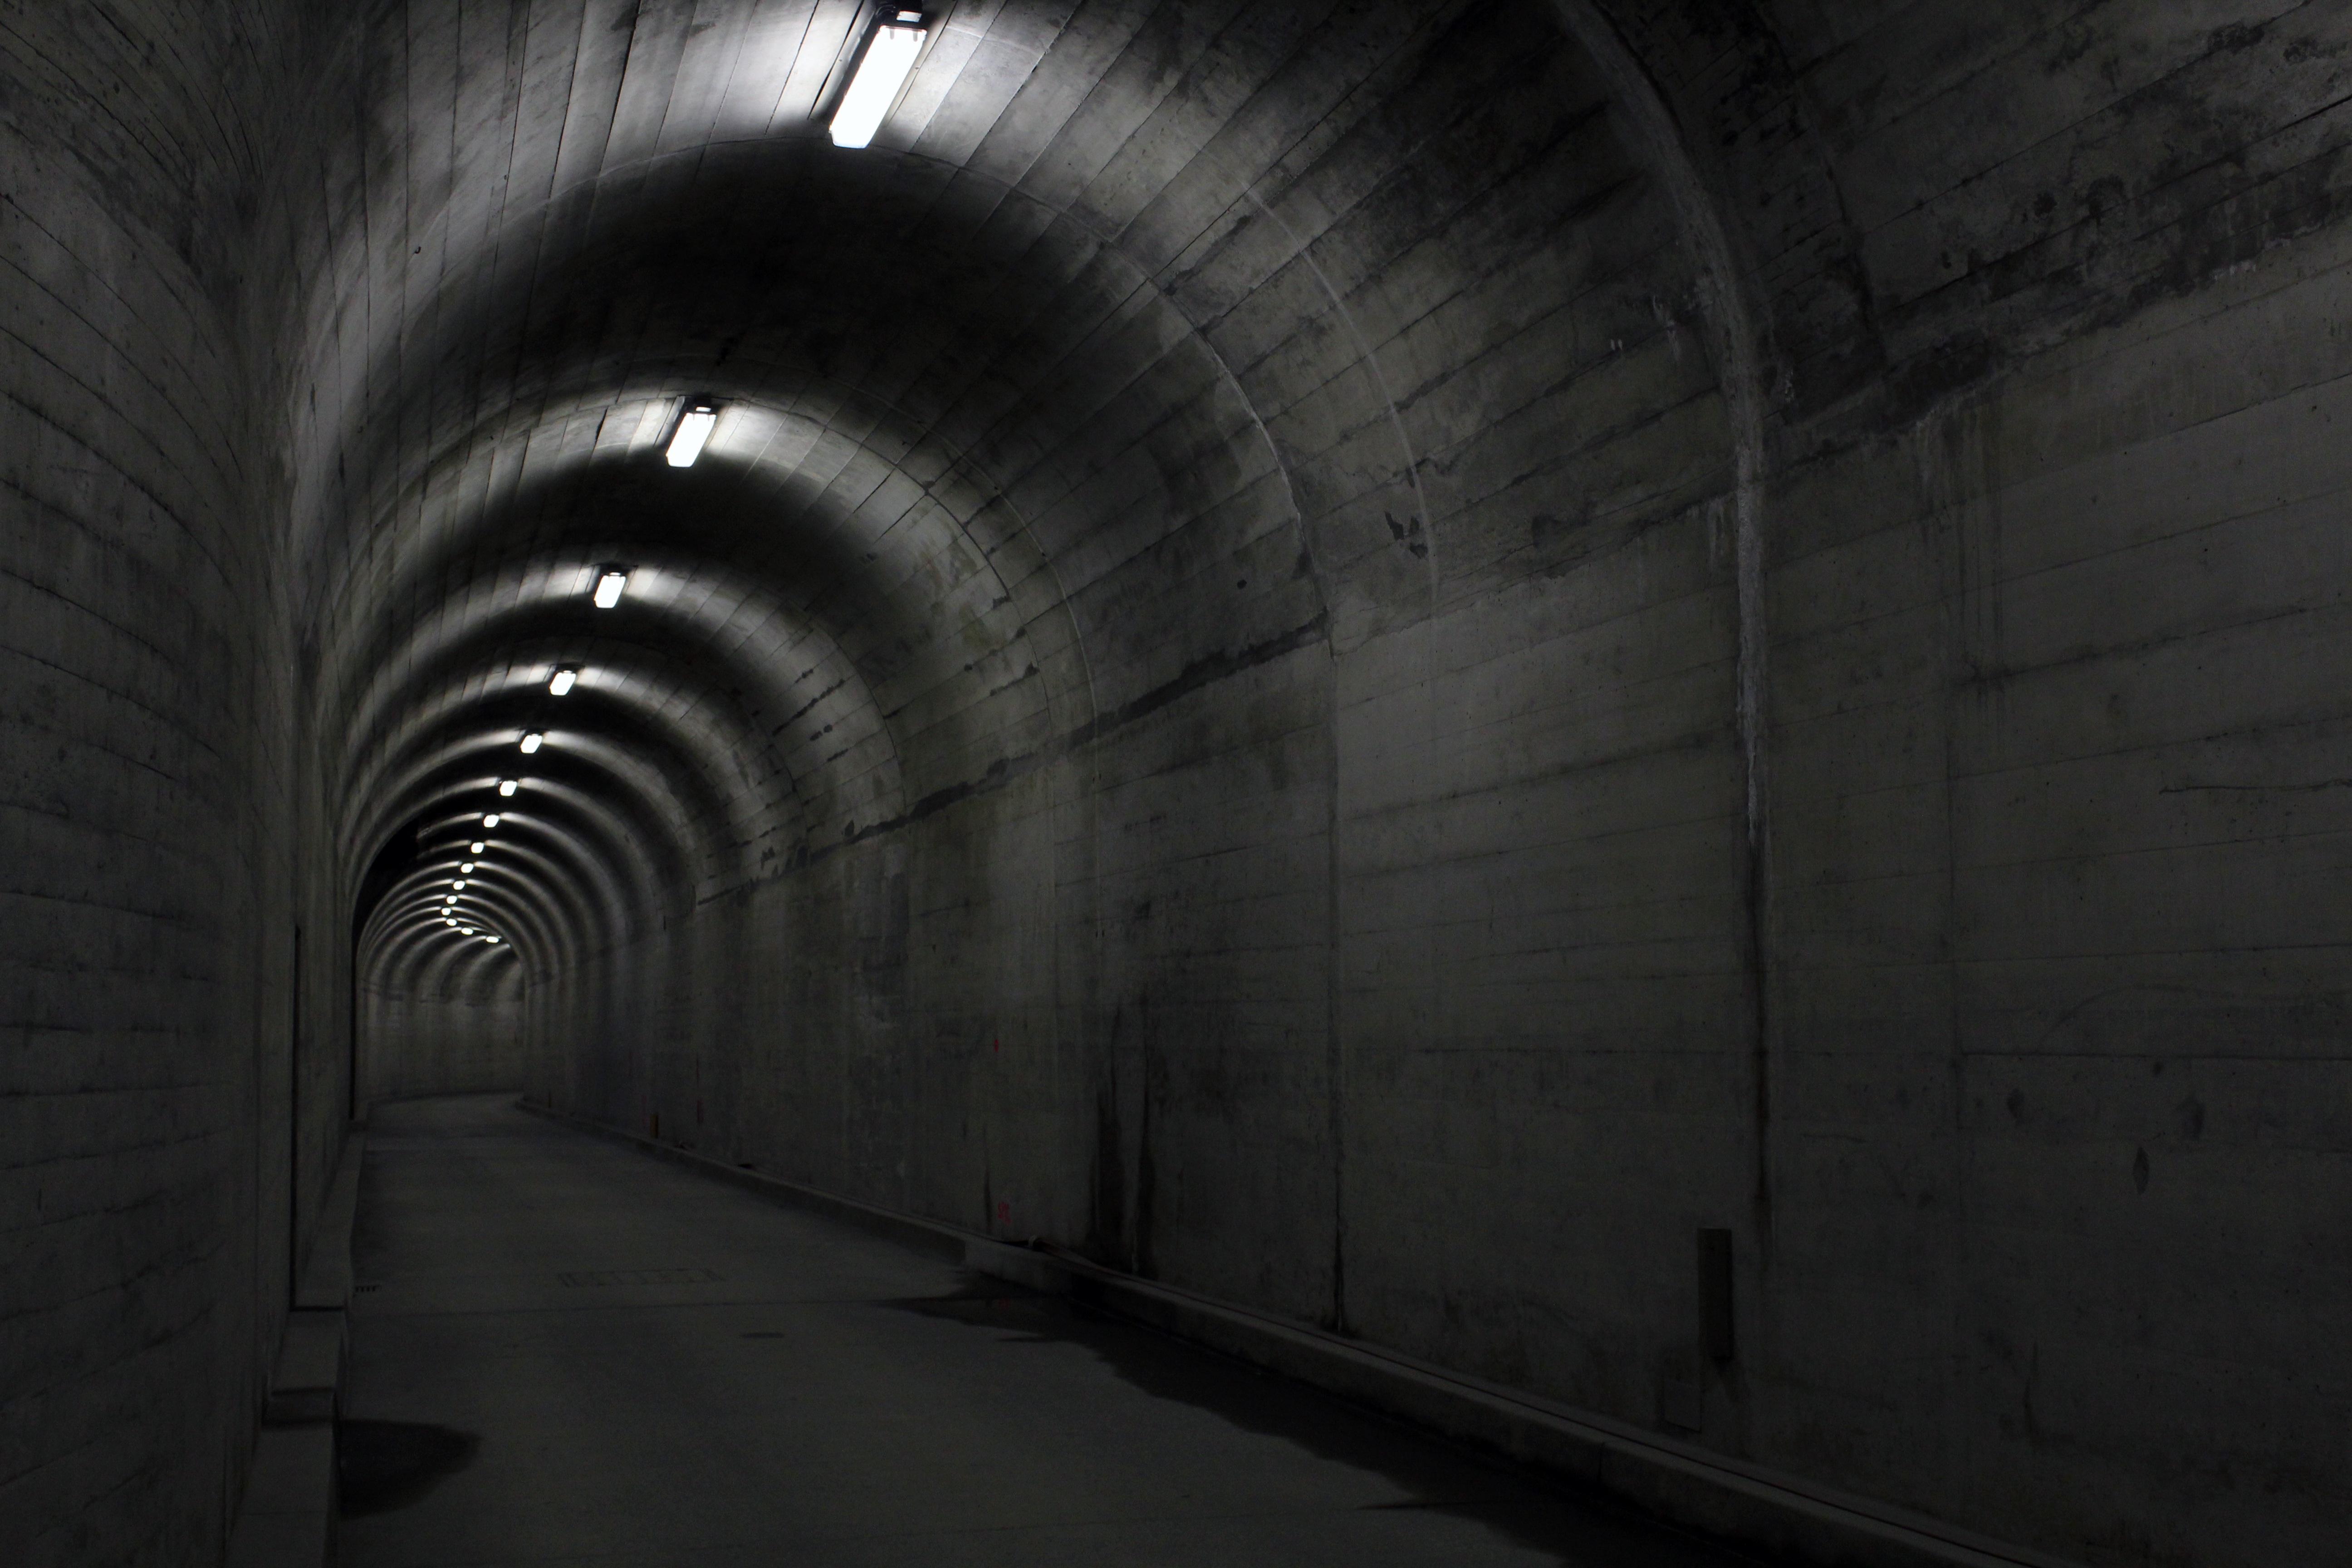 Gratis Afbeeldingen : licht, architectuur, gebouw, tunnel, donker ...